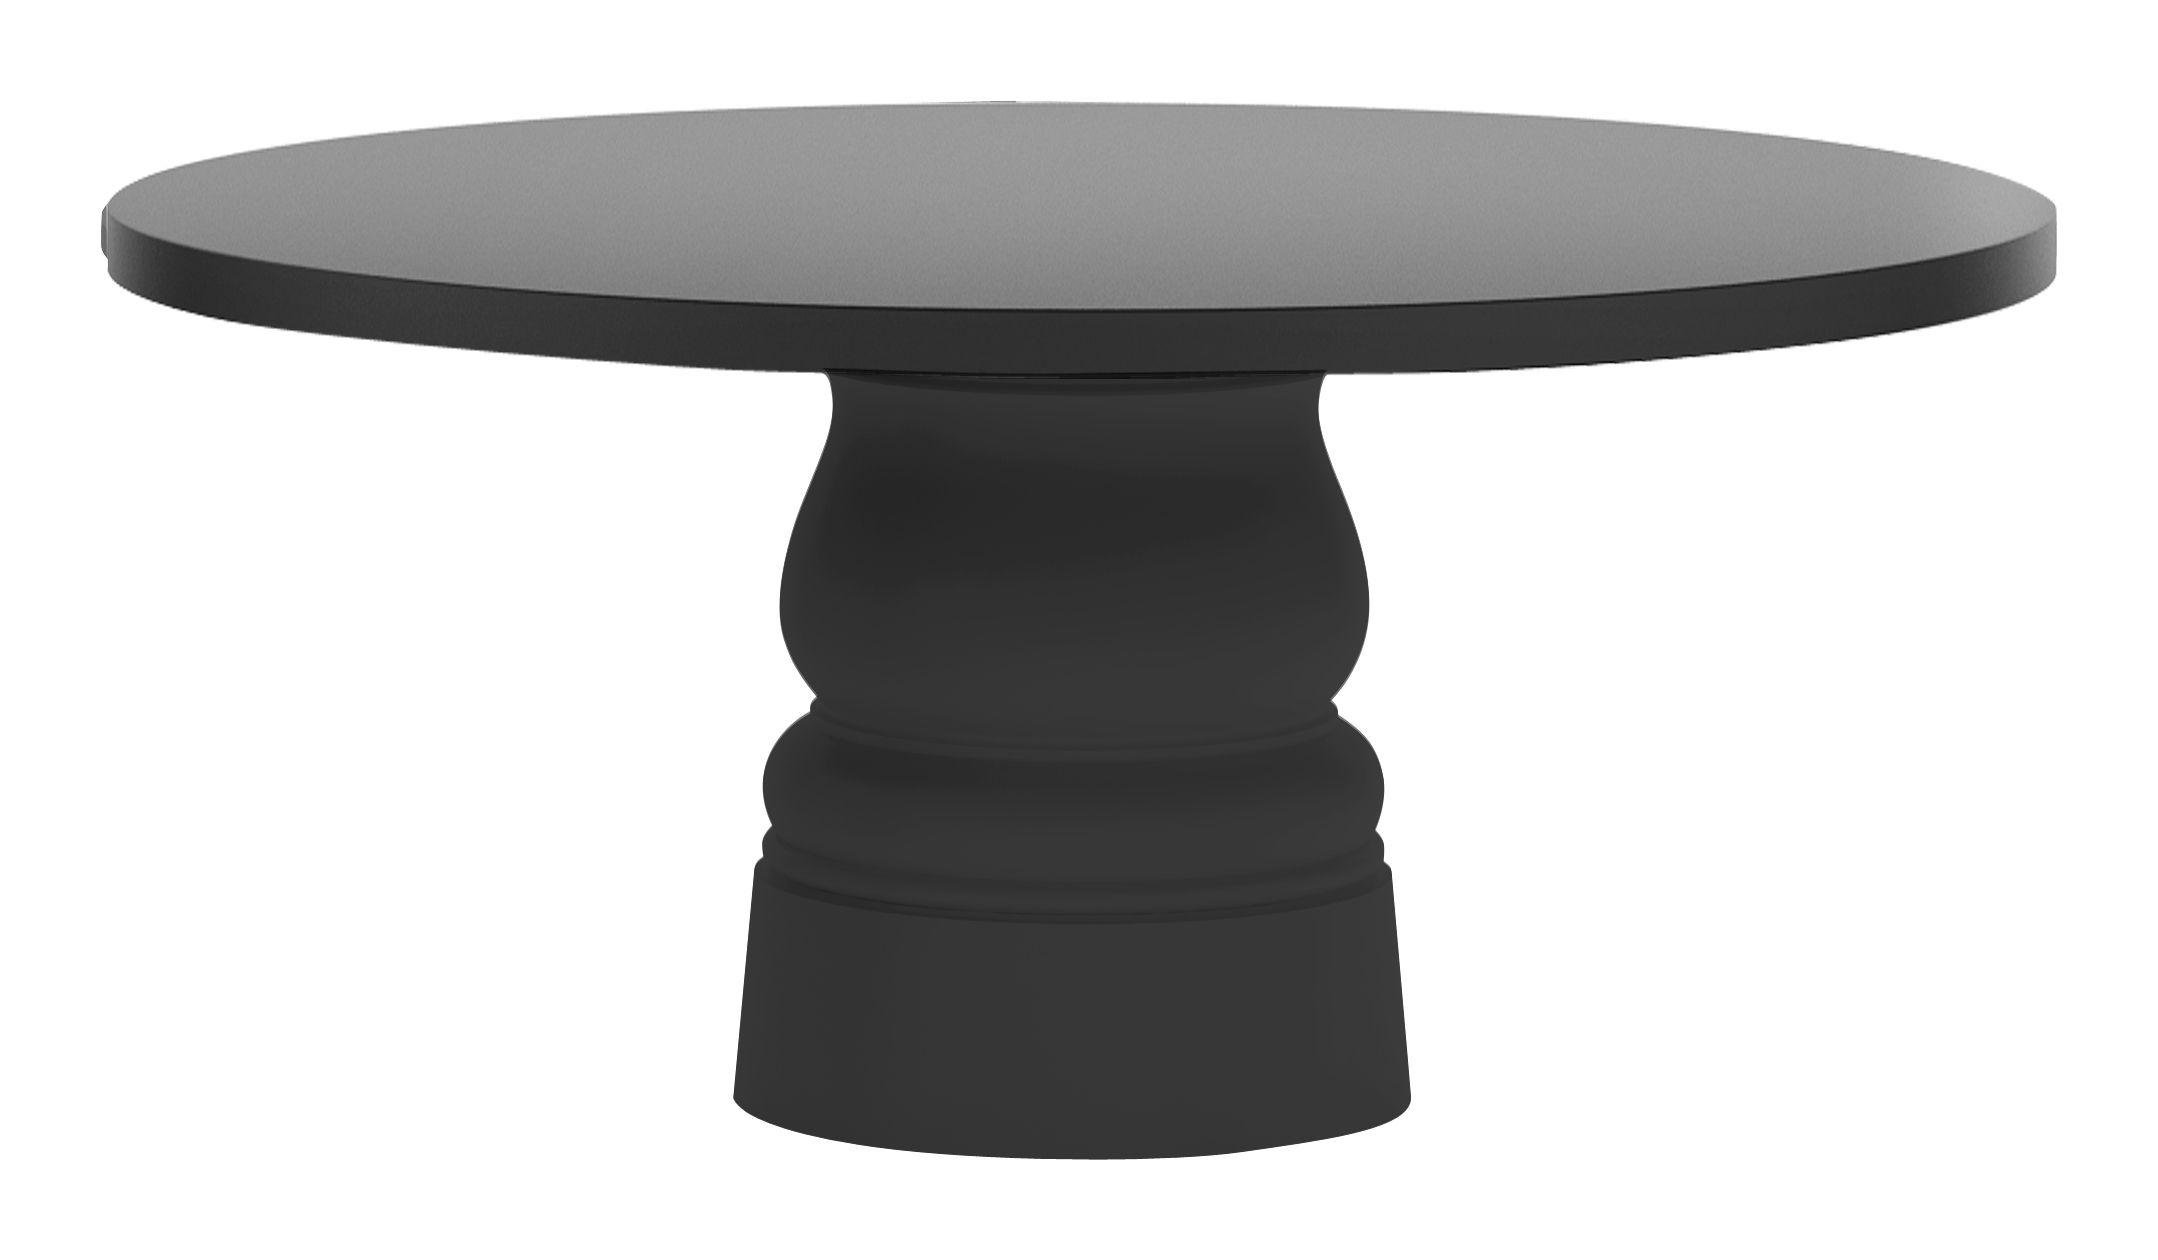 Outdoor - Tische - / Pied pour table Container New Antique Tischzubehör Ø 56 x H 71 cm - Für Tischplatte Ø 160 cm - Moooi - Fuß schwarz - Ø 56 cm x H 71 cm - Polyäthylen, rostfreier Stahl